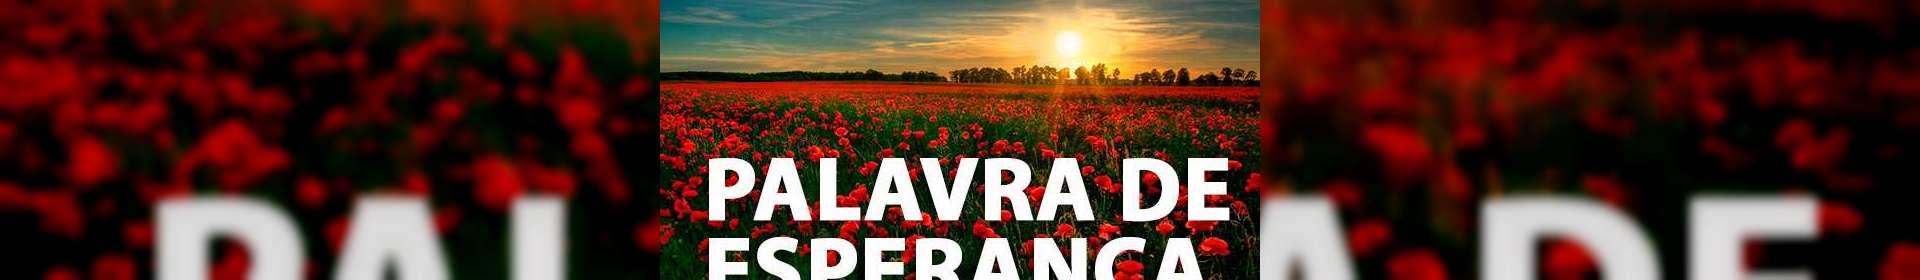 Salmo 144:5 - Uma Palavra de Esperança para sua vida